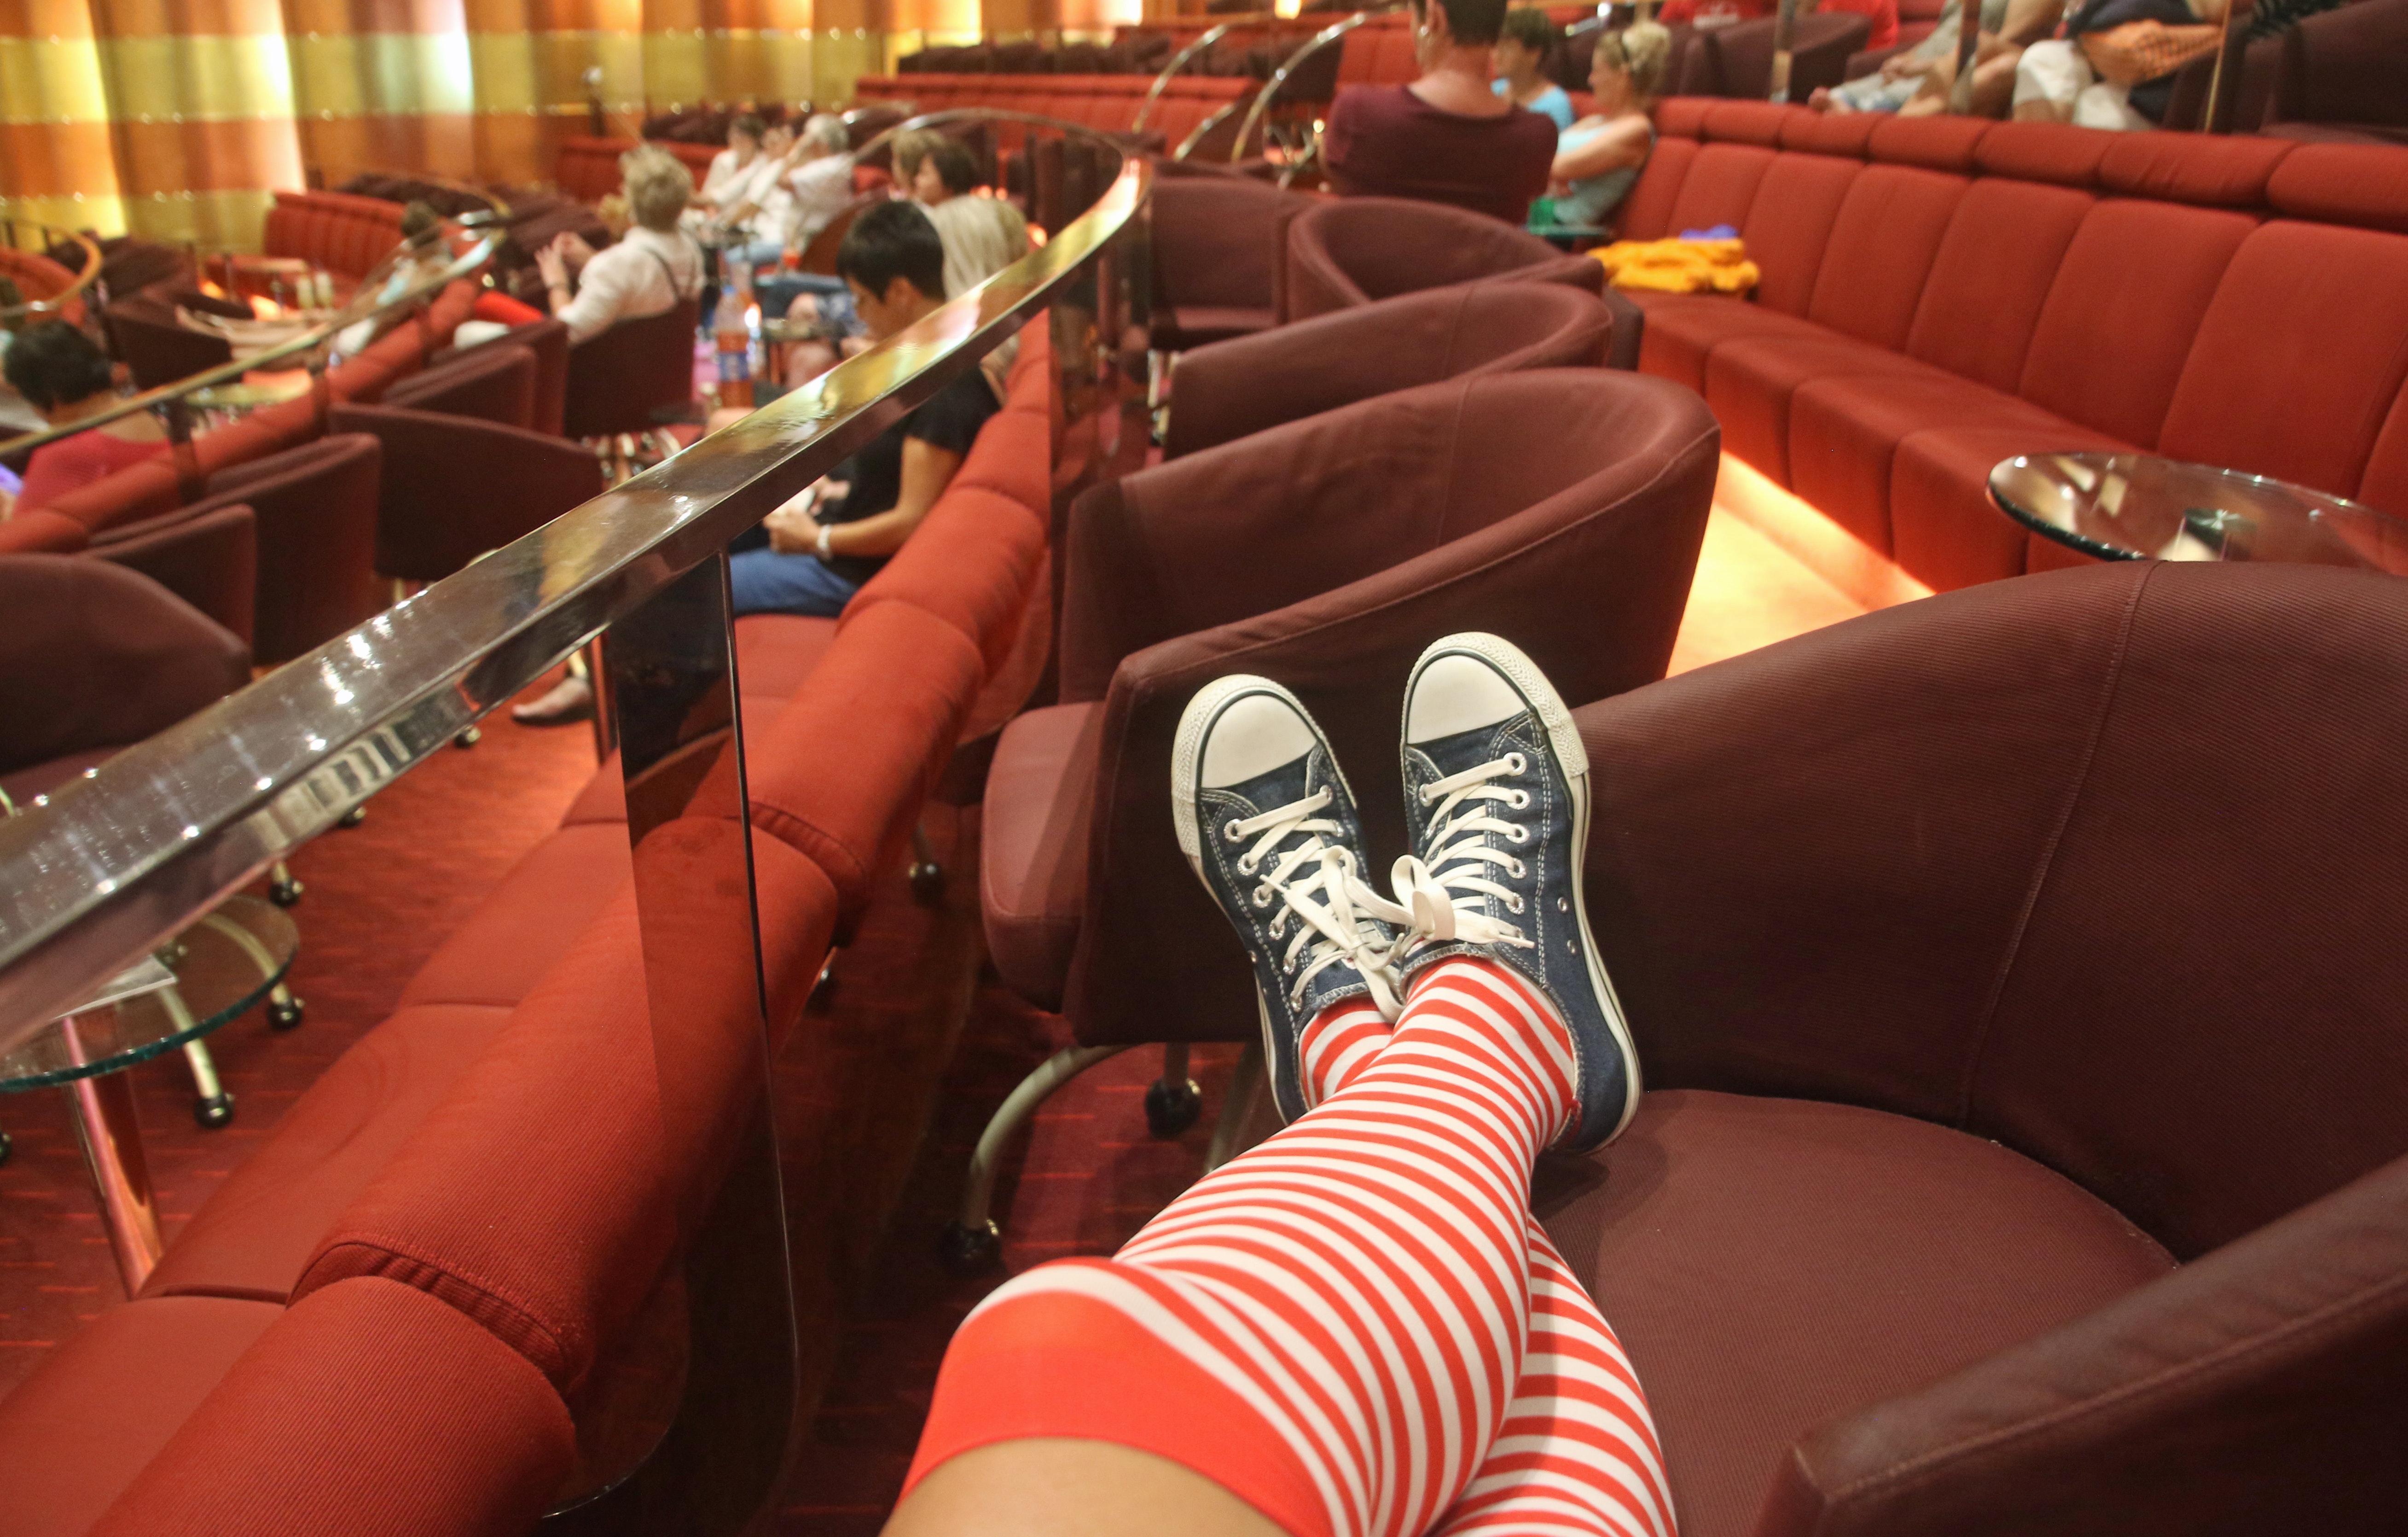 Woman legs wearing socks photo